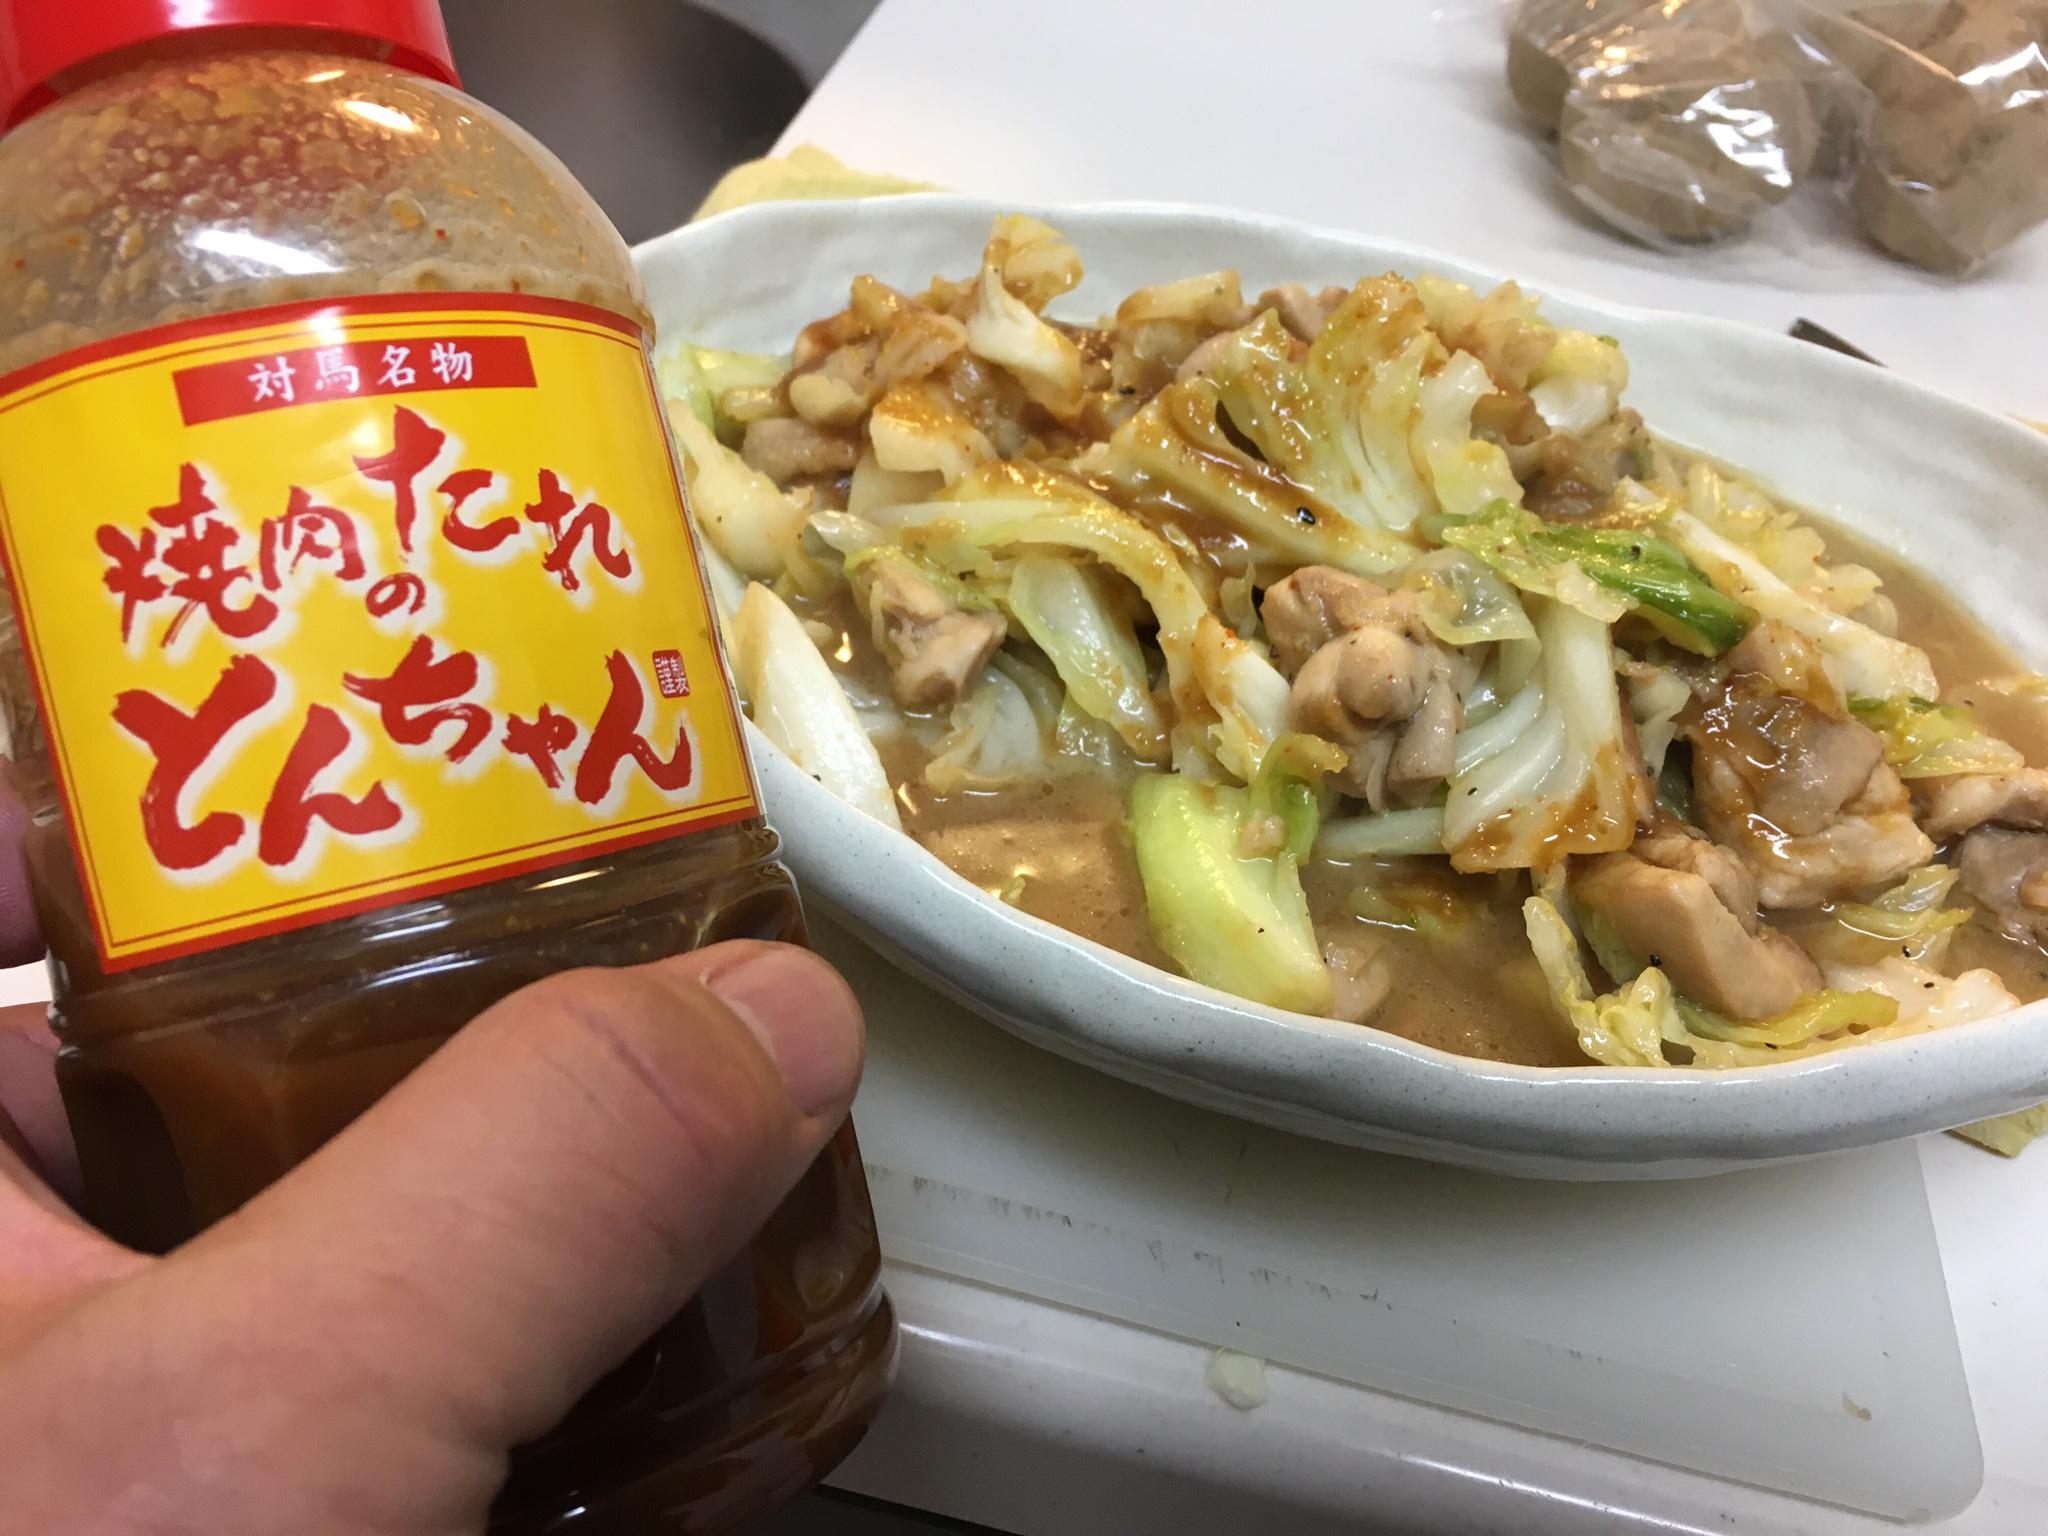 『対馬産』スーパー調味料!!焼肉のたれ「とんちゃん」でさっそく。